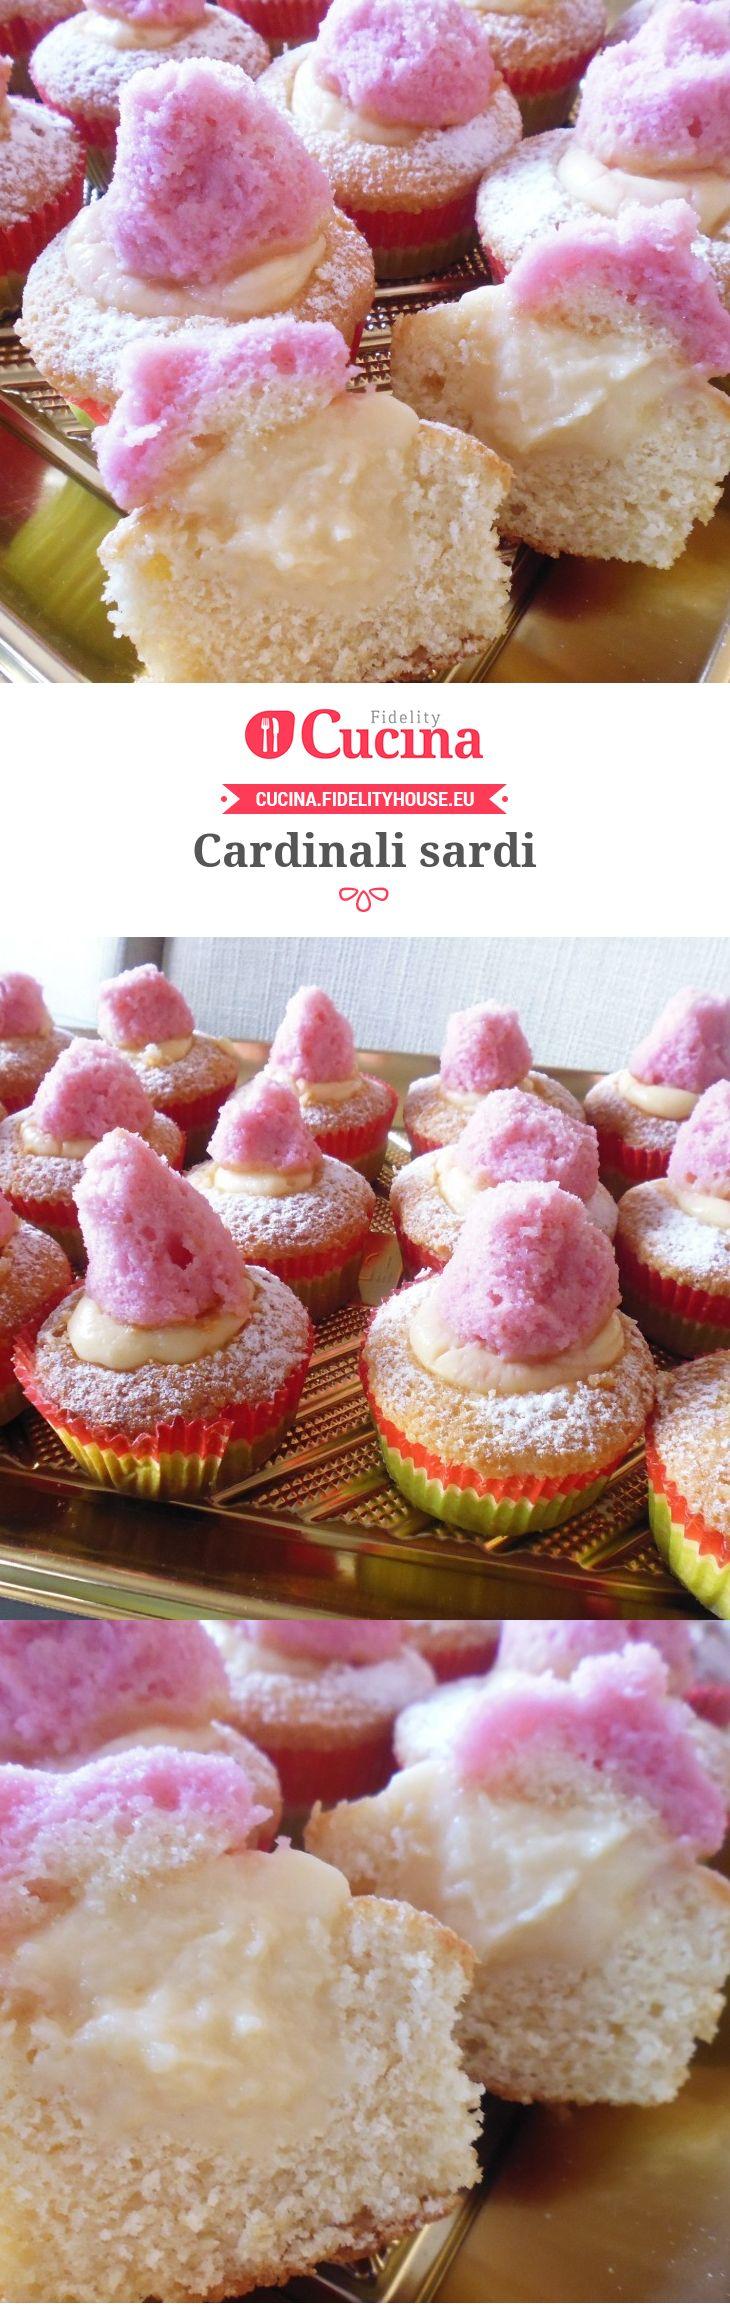 Cardinali sardi